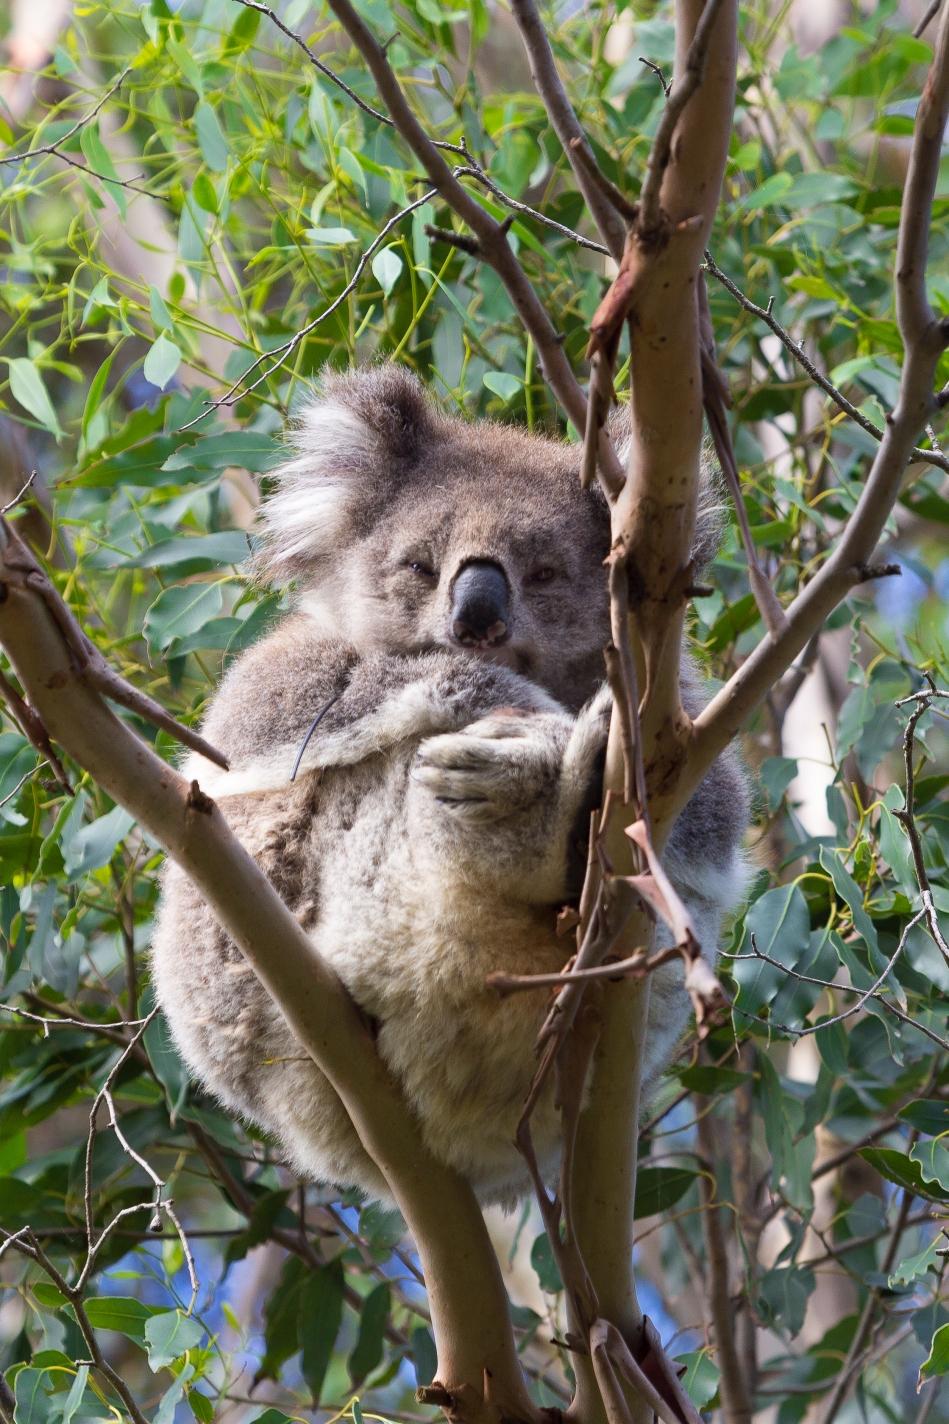 20160321-Australia-01547